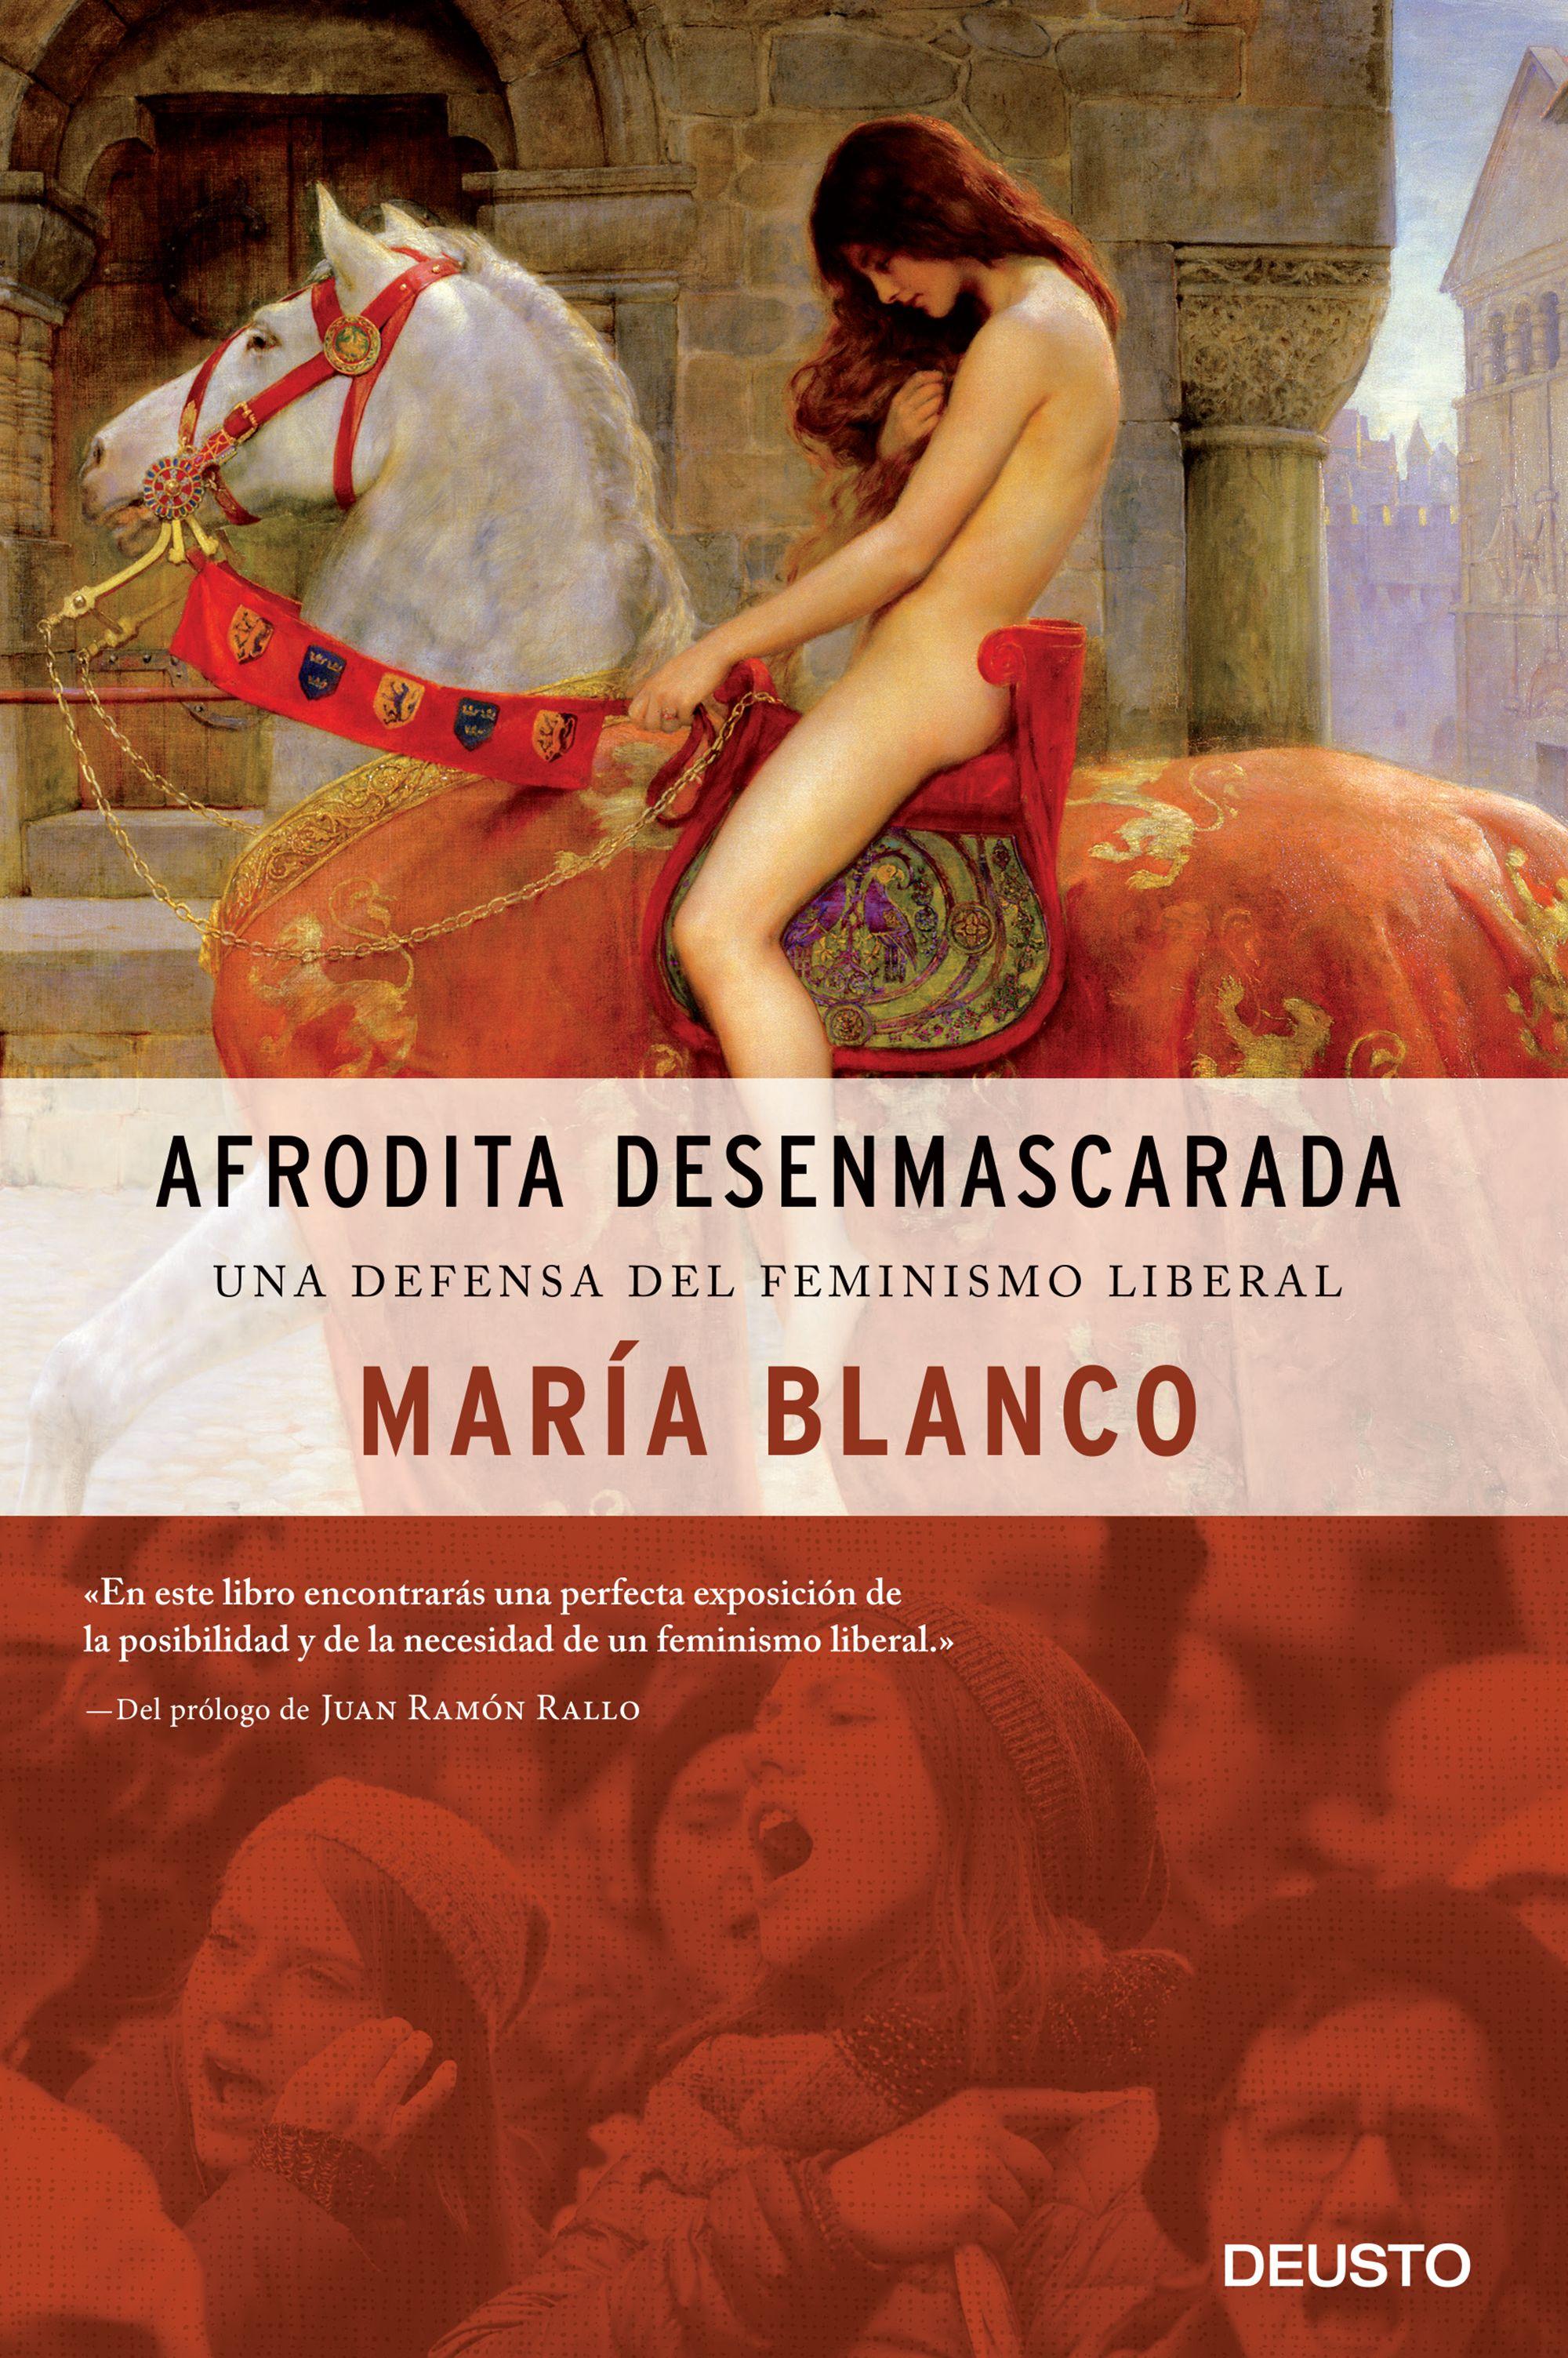 portada_afrodita-desenmascarada_maria-bl